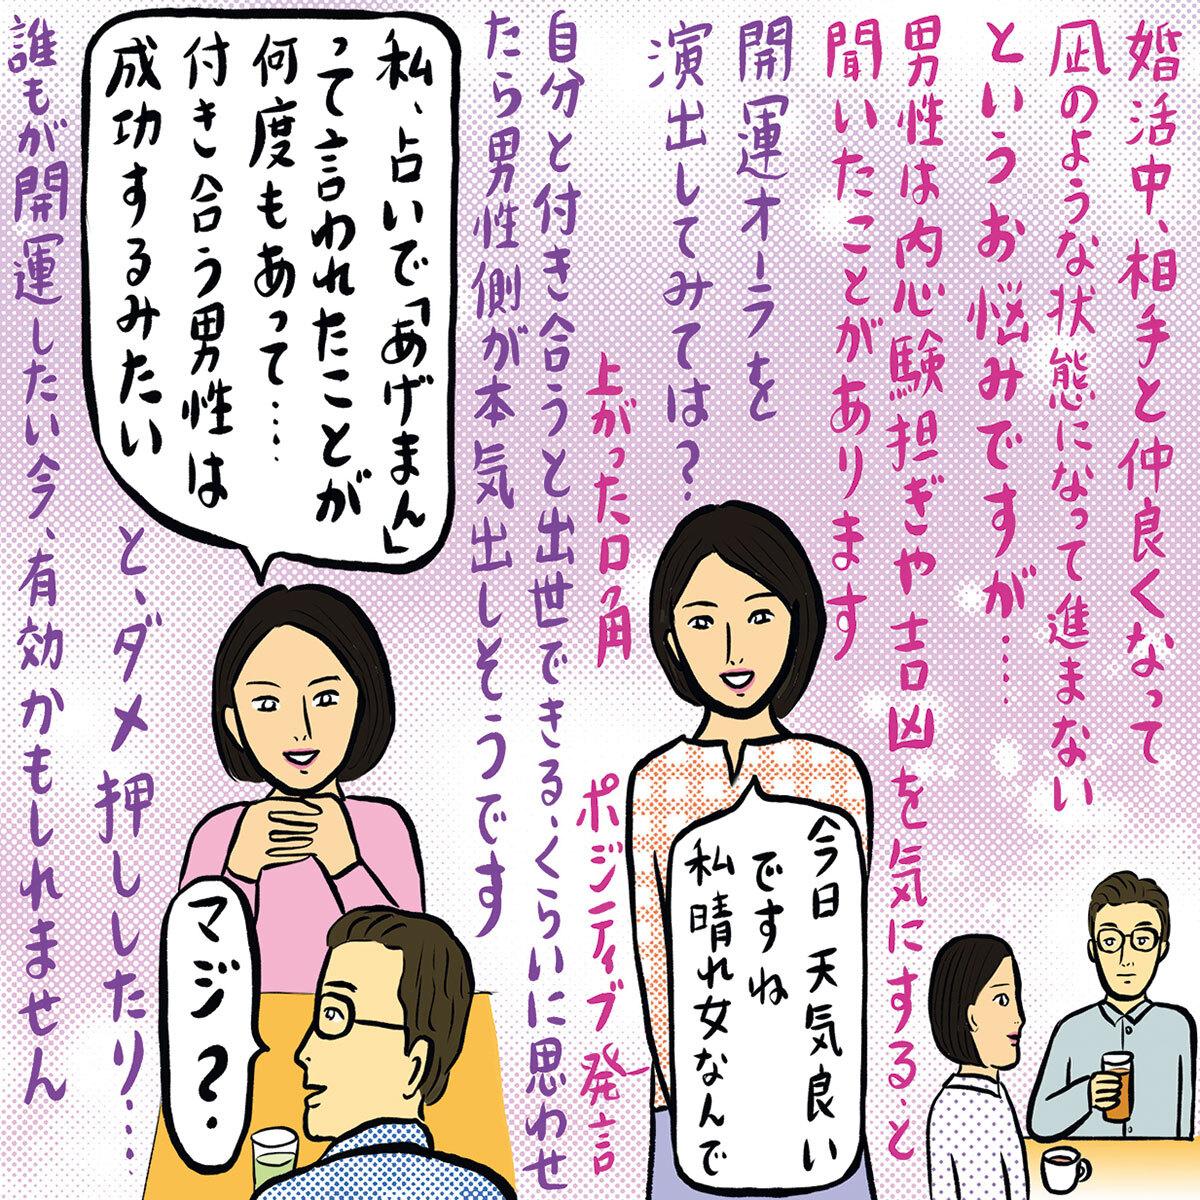 """みうらじゅんさんと辛酸なめ子お悩み相談_婚活中。相手の好意に応えると""""凪""""状態になる…の繰り返し。どうすればいい?"""